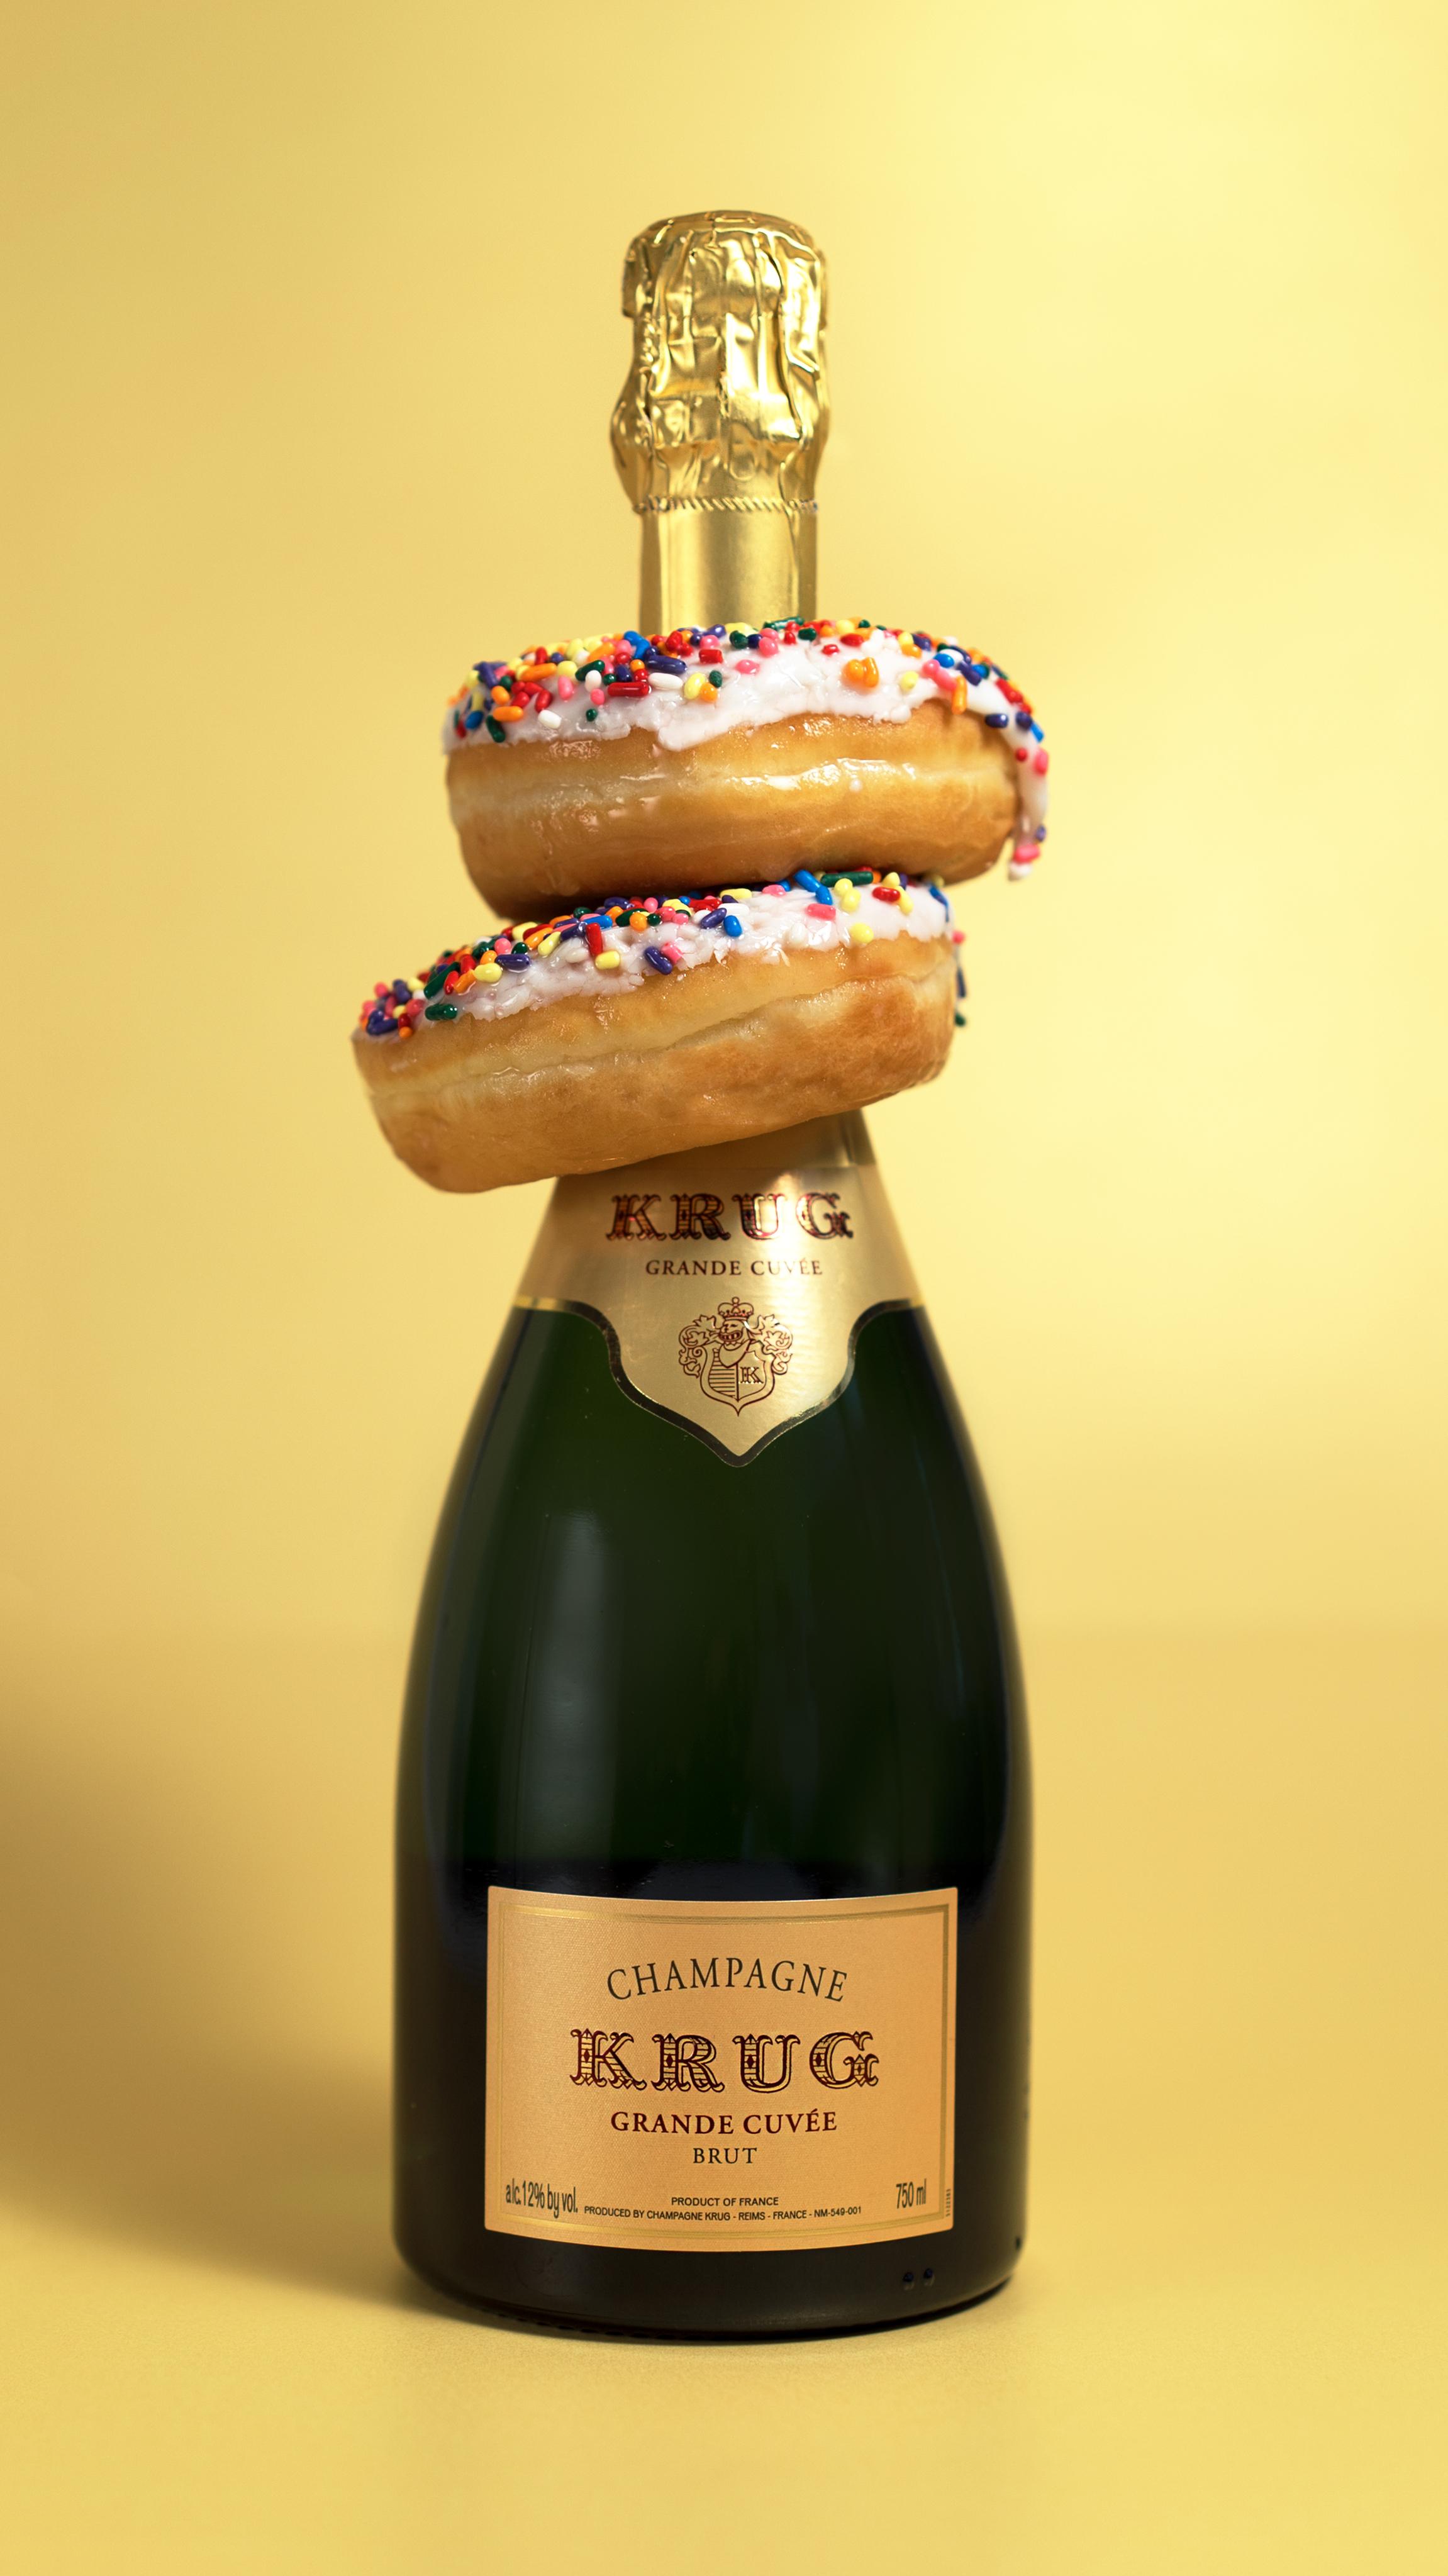 MollieAbleman_Champagne_Doughnuts_Krug.jpg